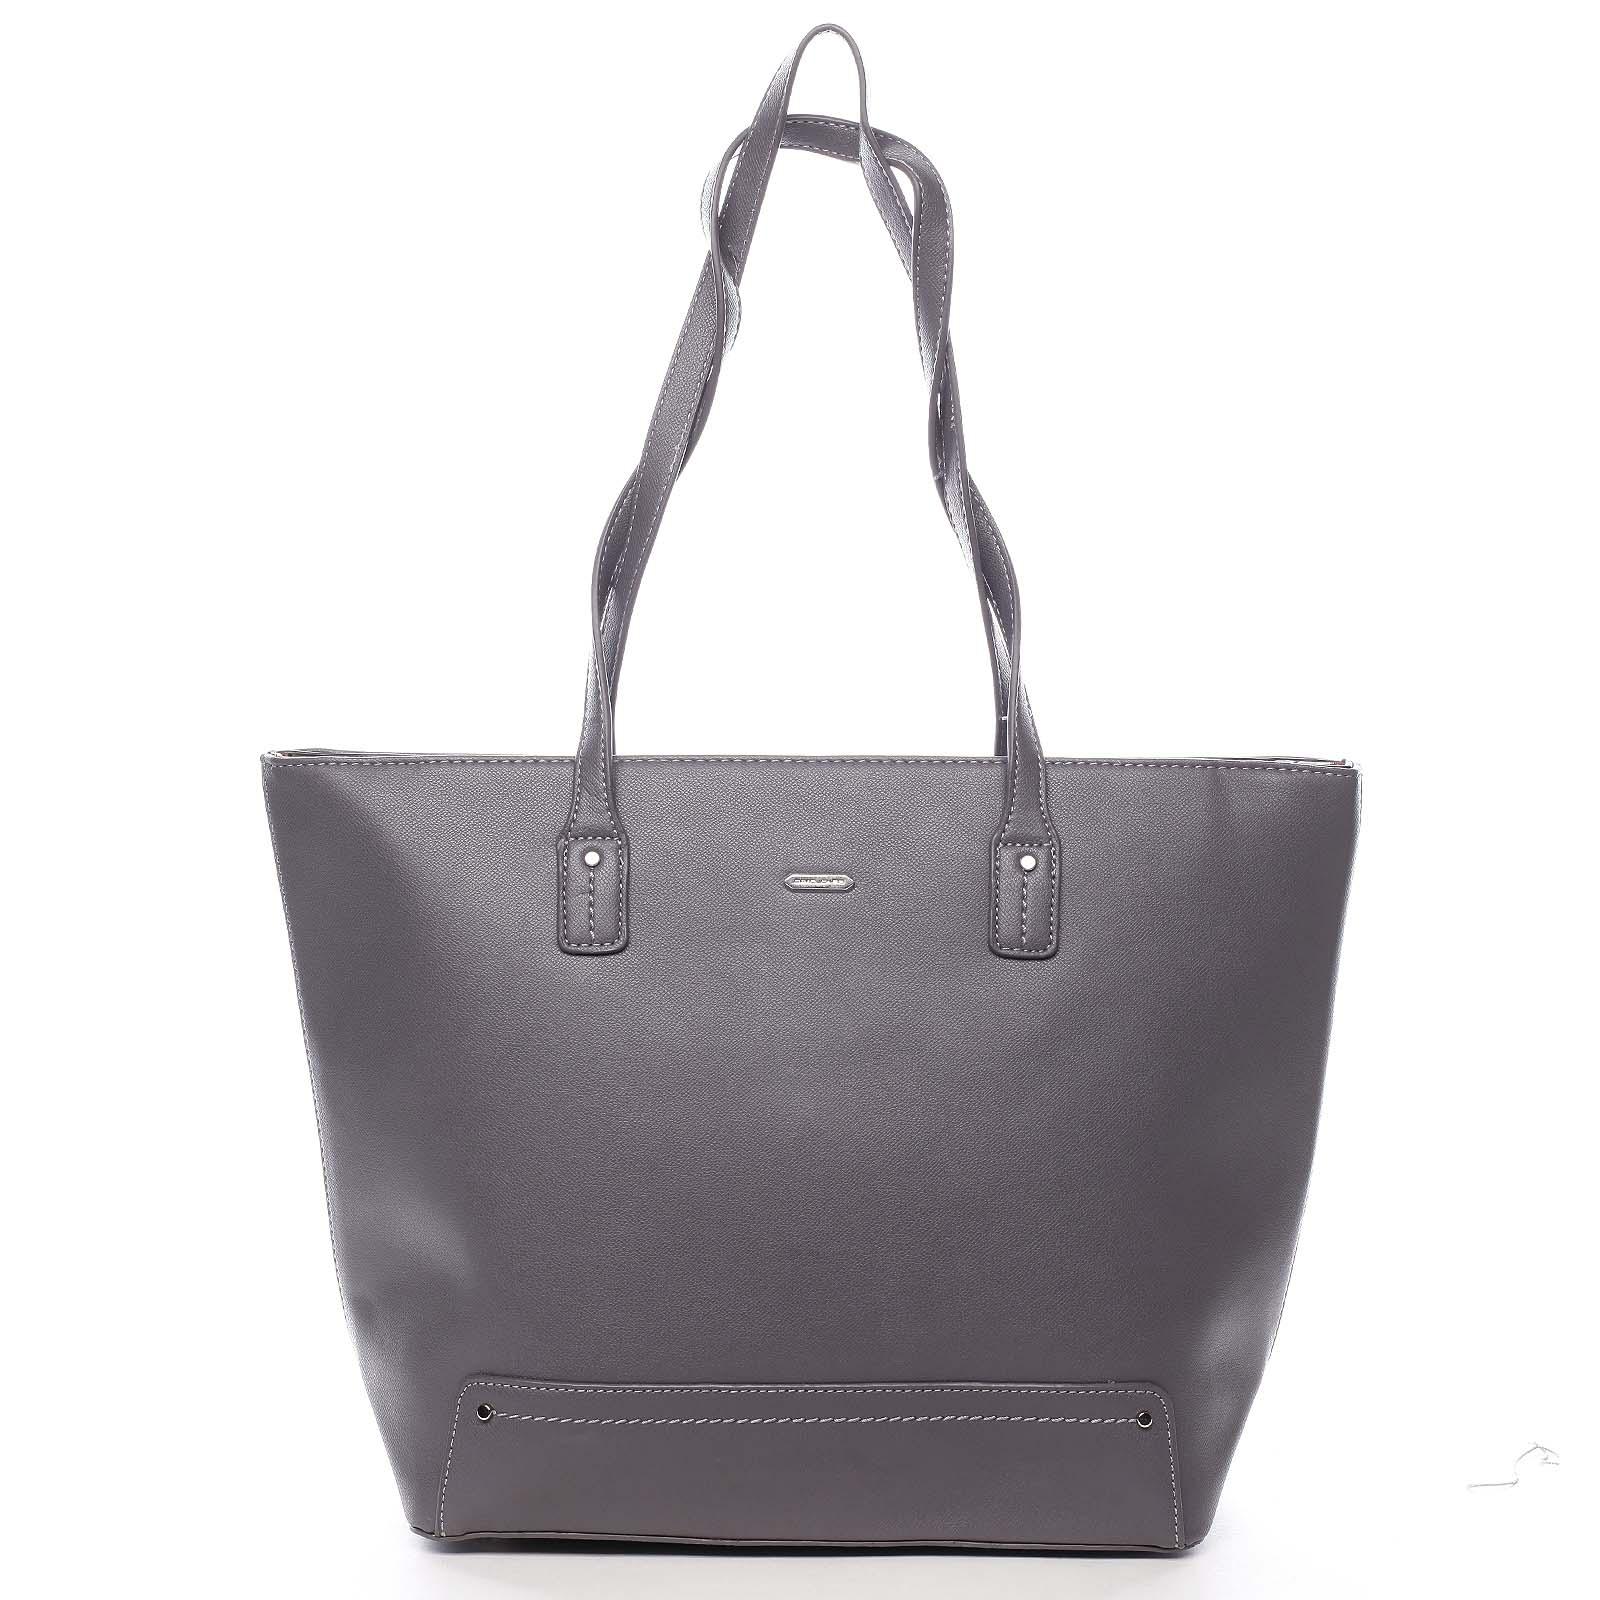 Dámska kabelka cez rameno tmavo šedá - David Jones Yakini šedá